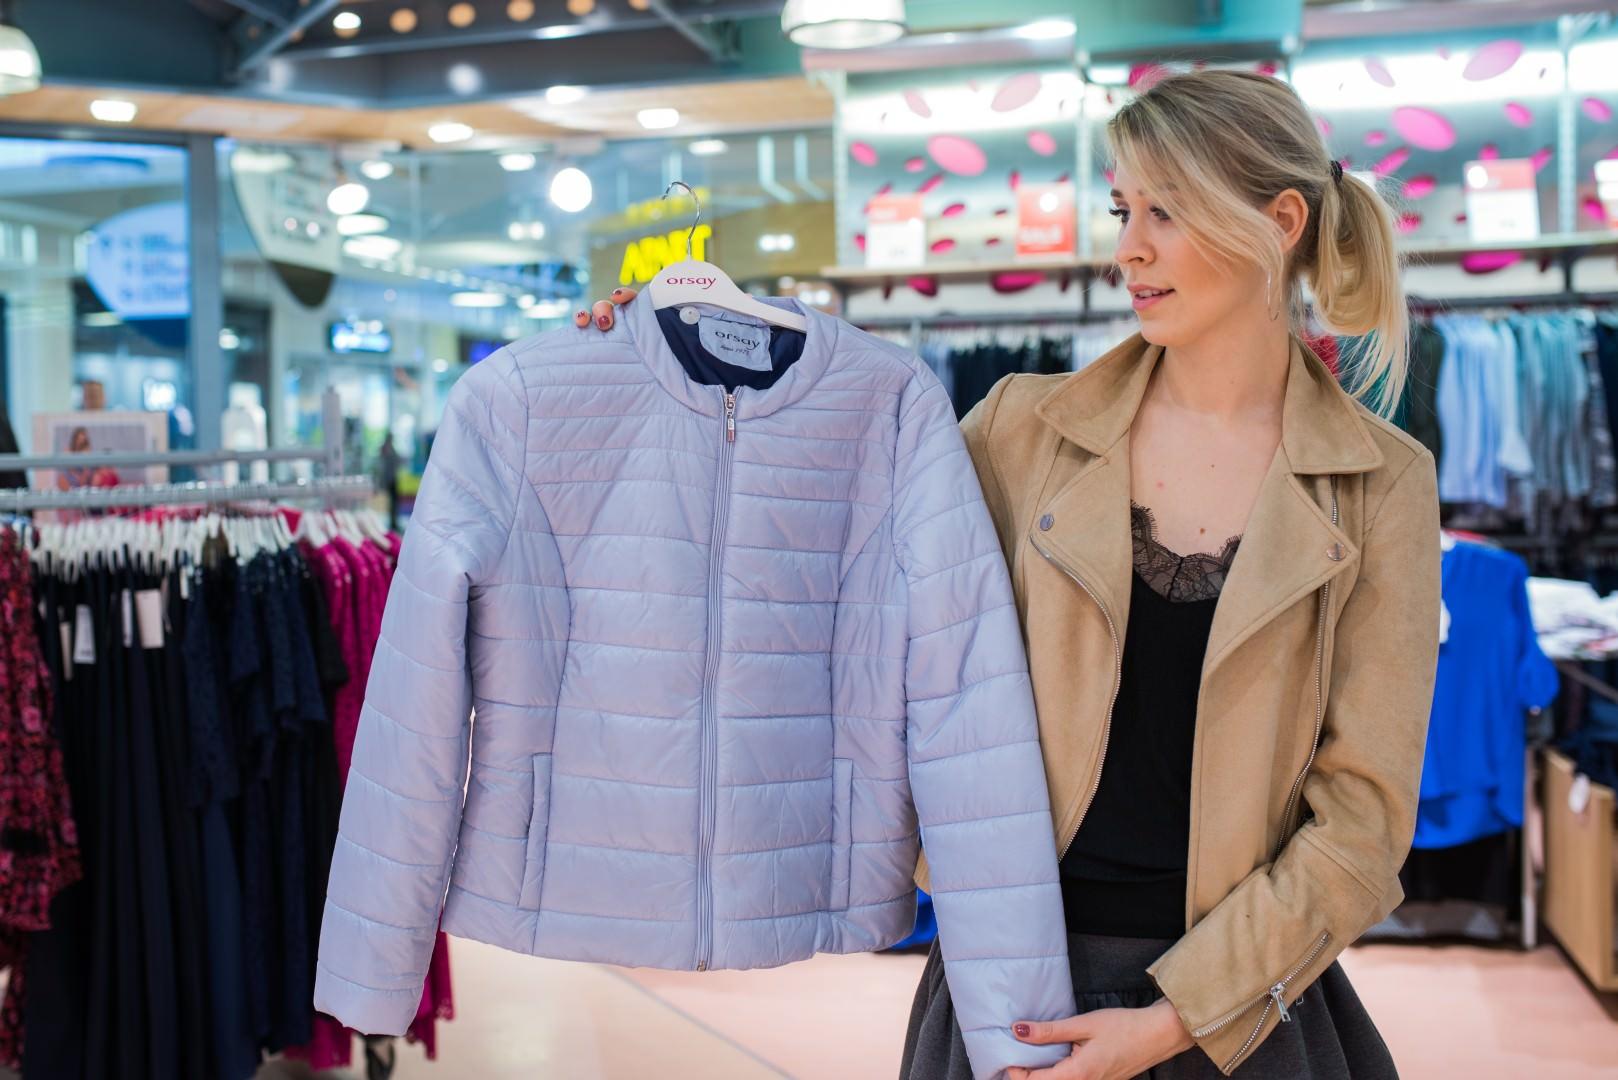 Modele przejściowe, ocieplane kurtki na mroźną zimę oraz szereg innych, interesujących wariantów w atrakcyjnych cenach, znajdziecie w tej kategorii. Różne kolory, długości, zapięcia czy sposoby wykończenia – wybór należy do Ciebie.